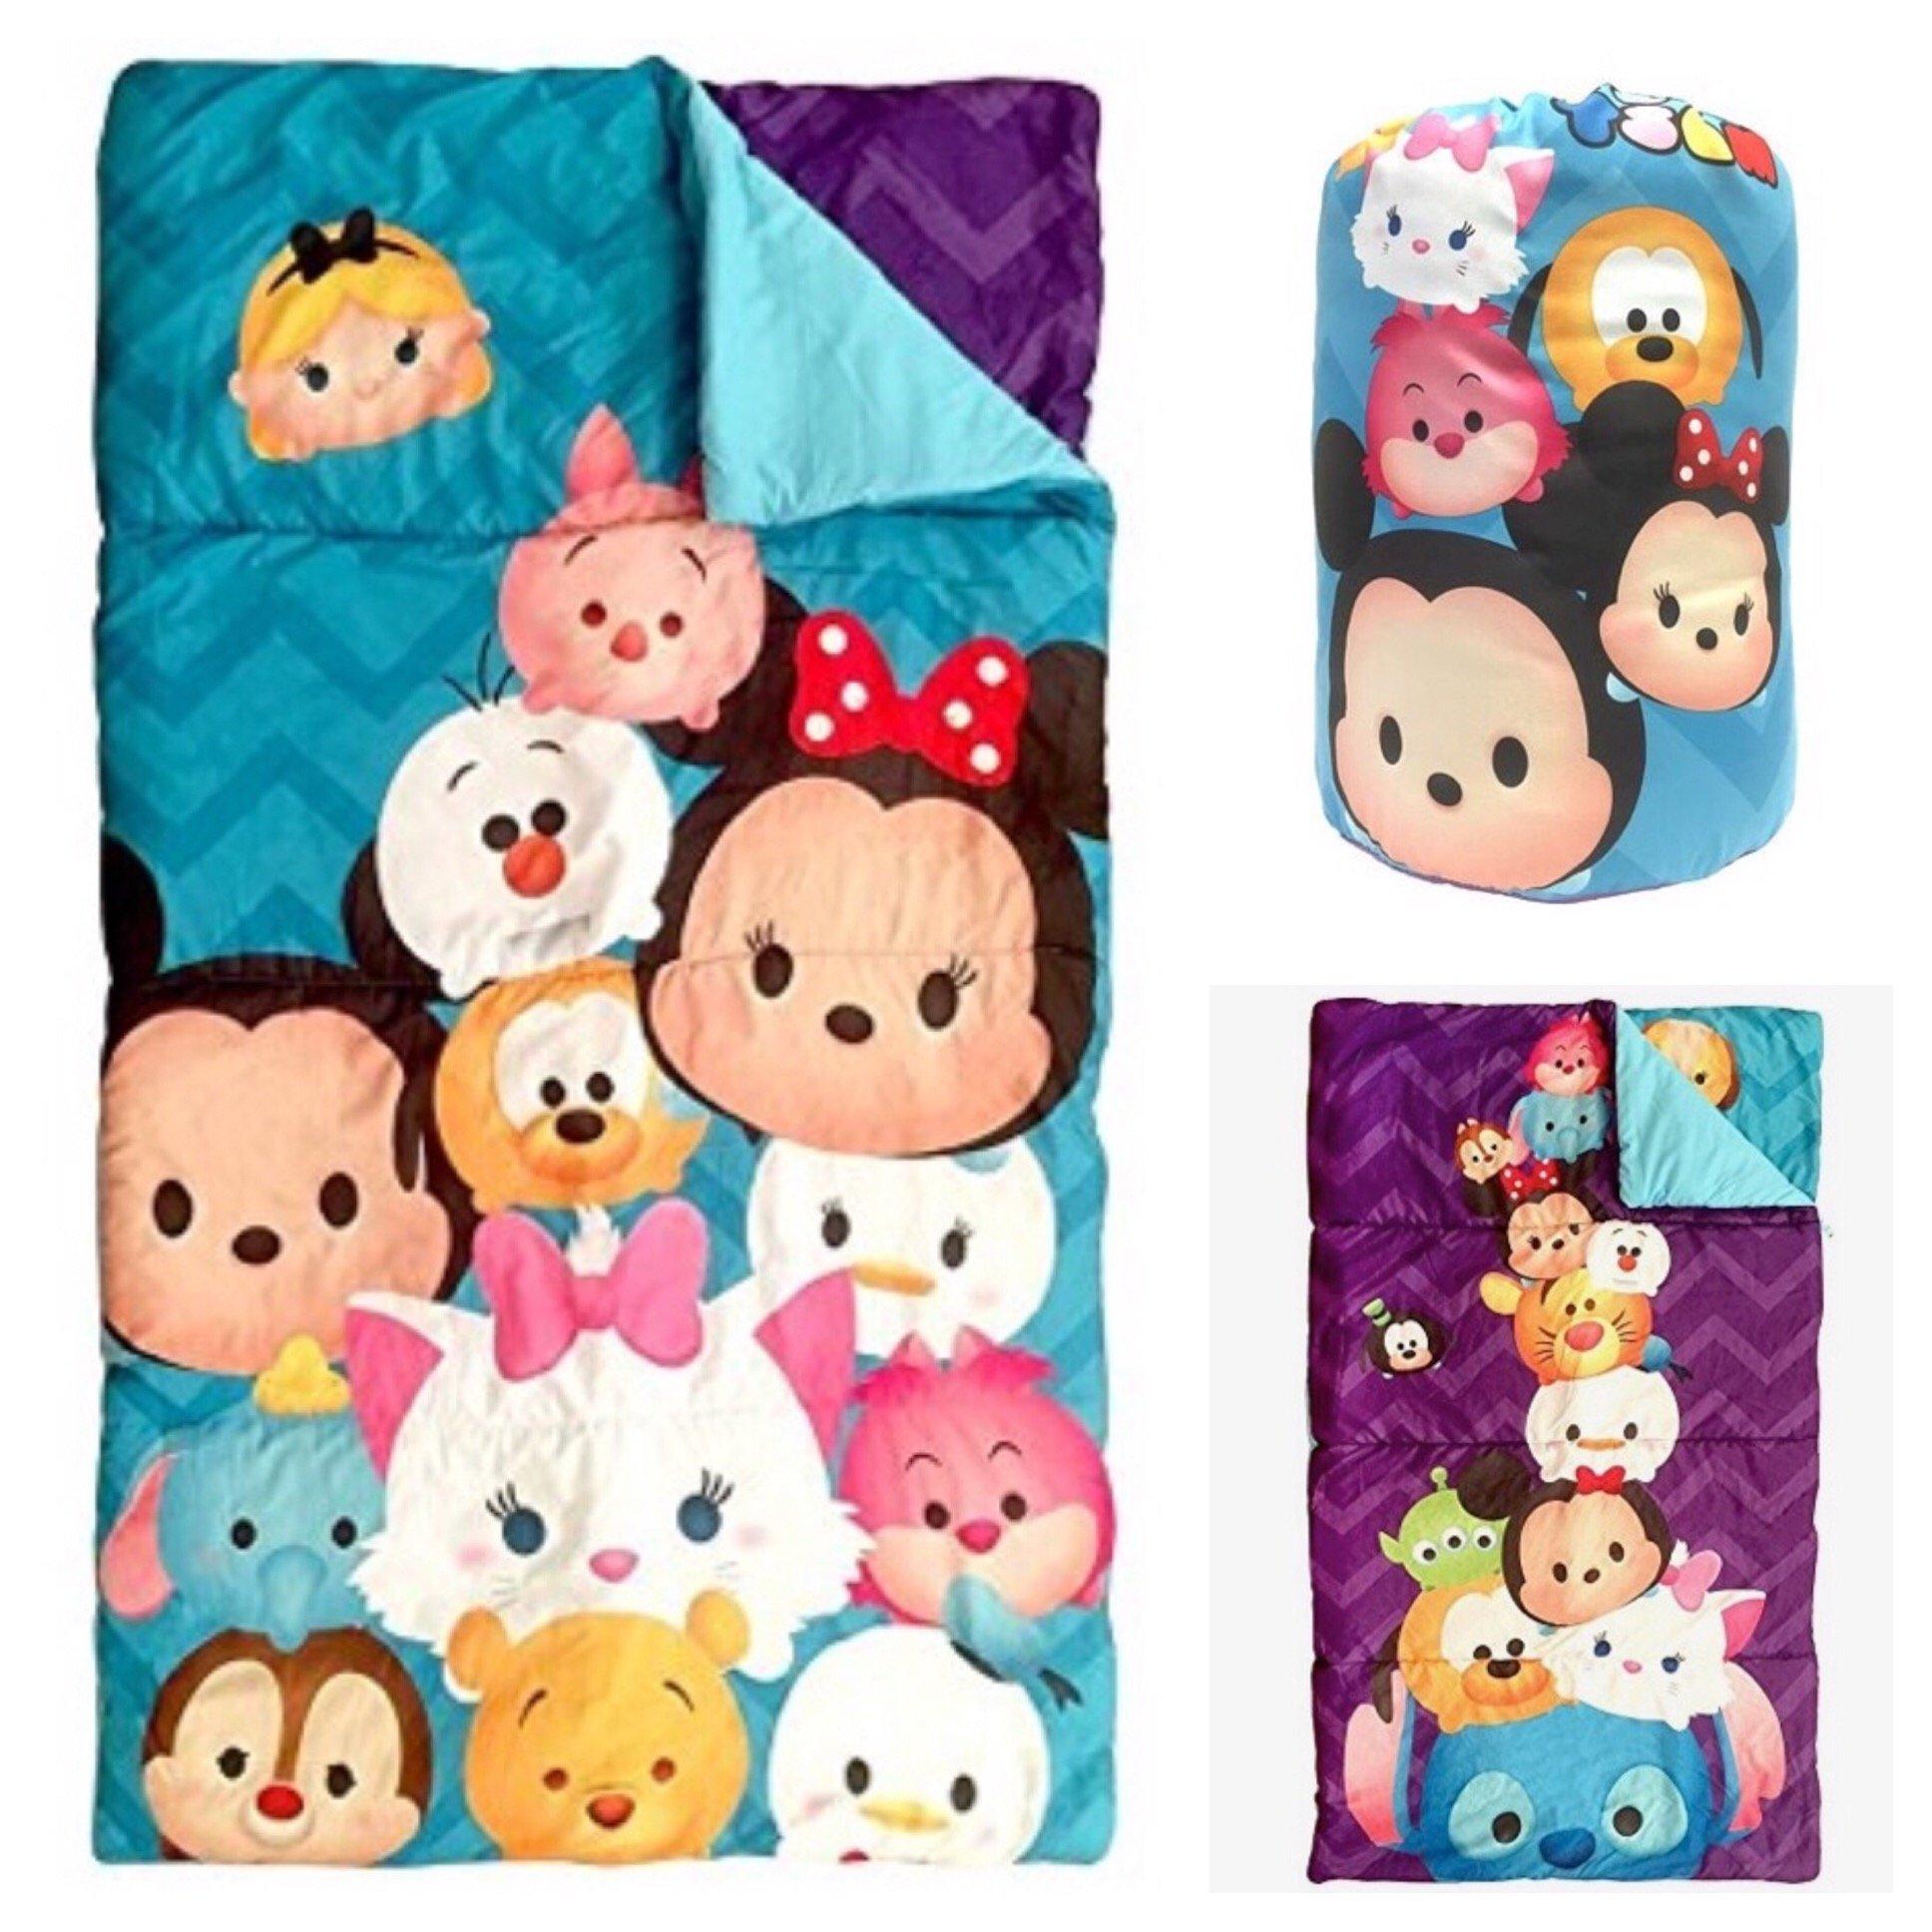 Tsum Tsum Reversible Slumber Bag - Kids